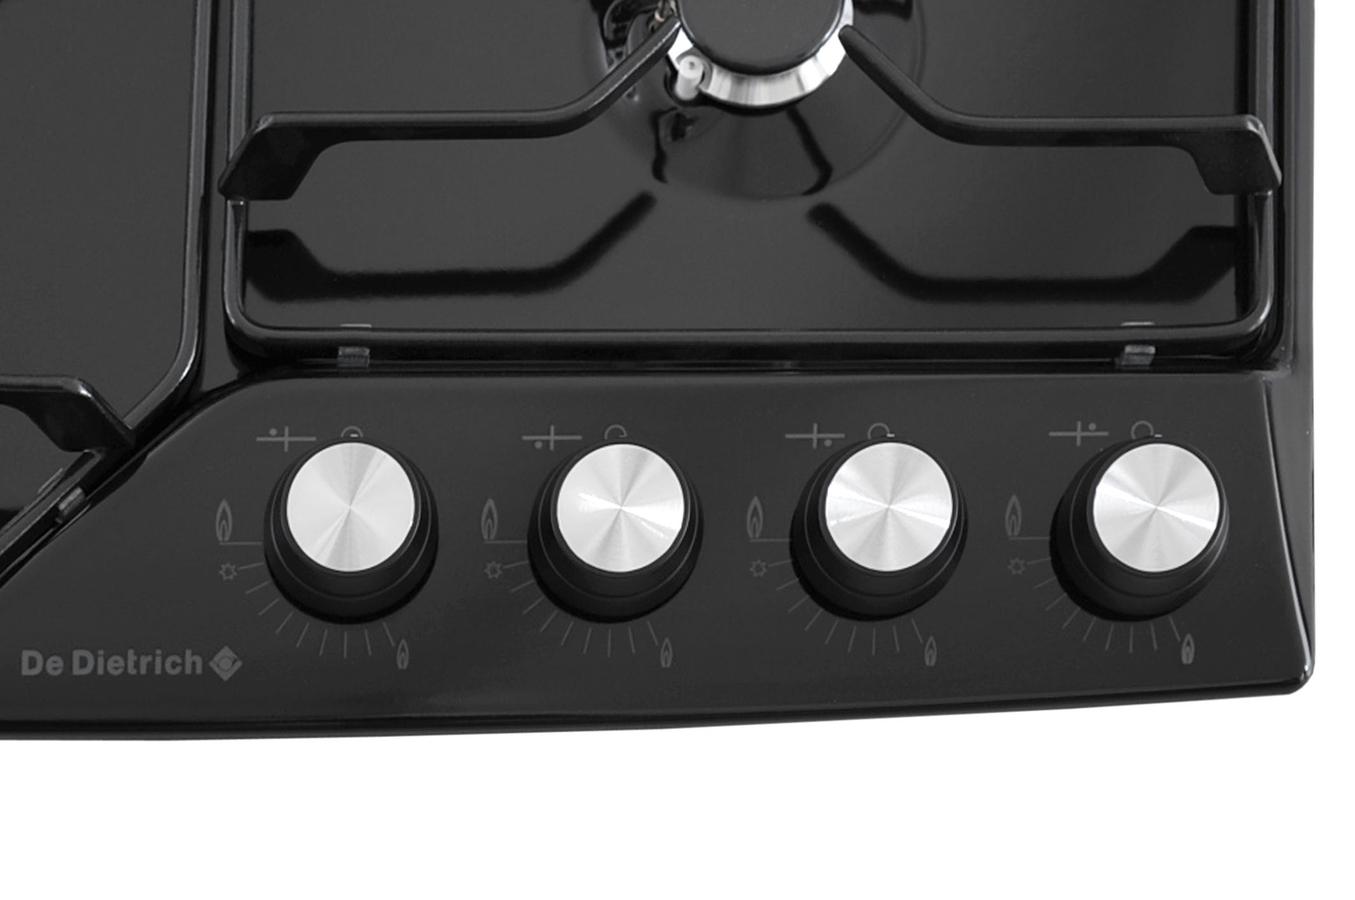 Plaque gaz de dietrich dte1110b noir dte1110b 3489183 - Table de cuisson gaz de dietrich ...